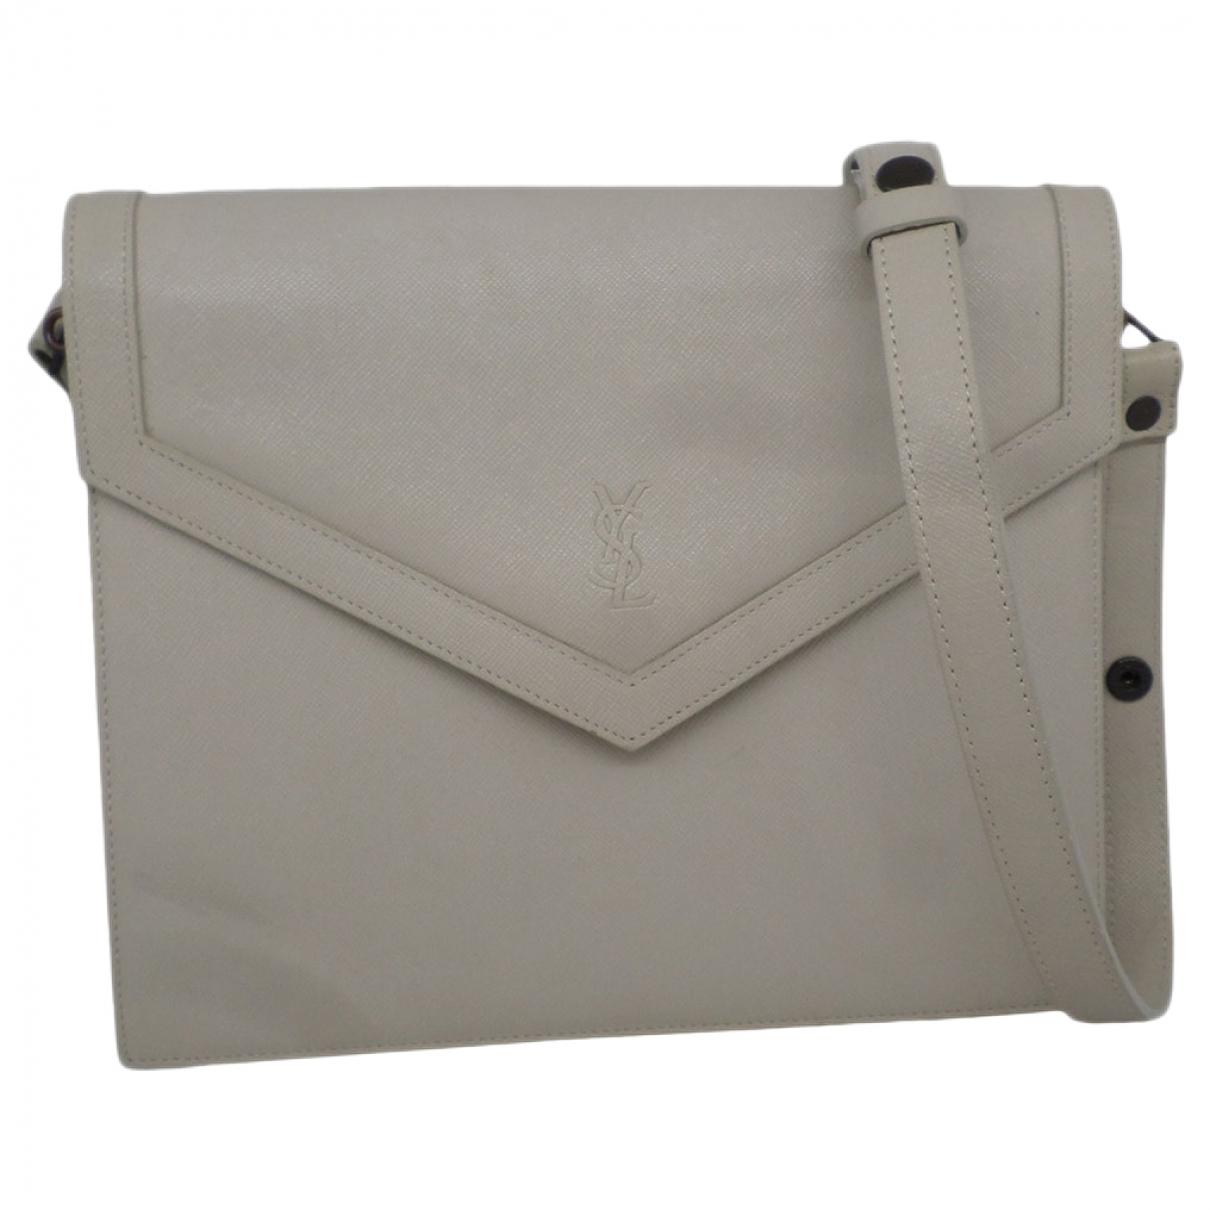 Yves Saint Laurent \N Handtasche in  Grau Leder